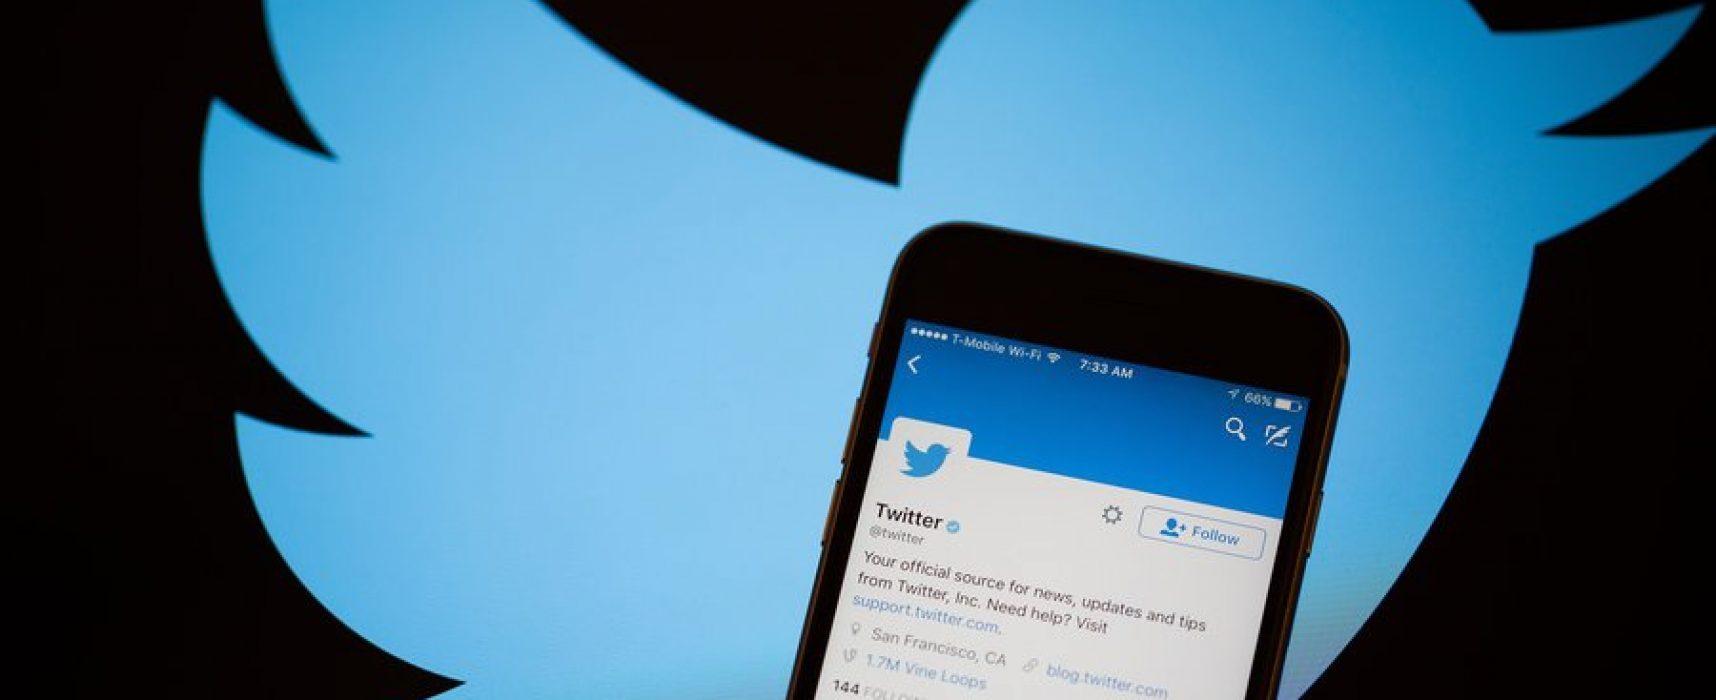 Твиттер заблокировал больше 70 млн аккаунтов за два месяца из-за борьбы с фейками